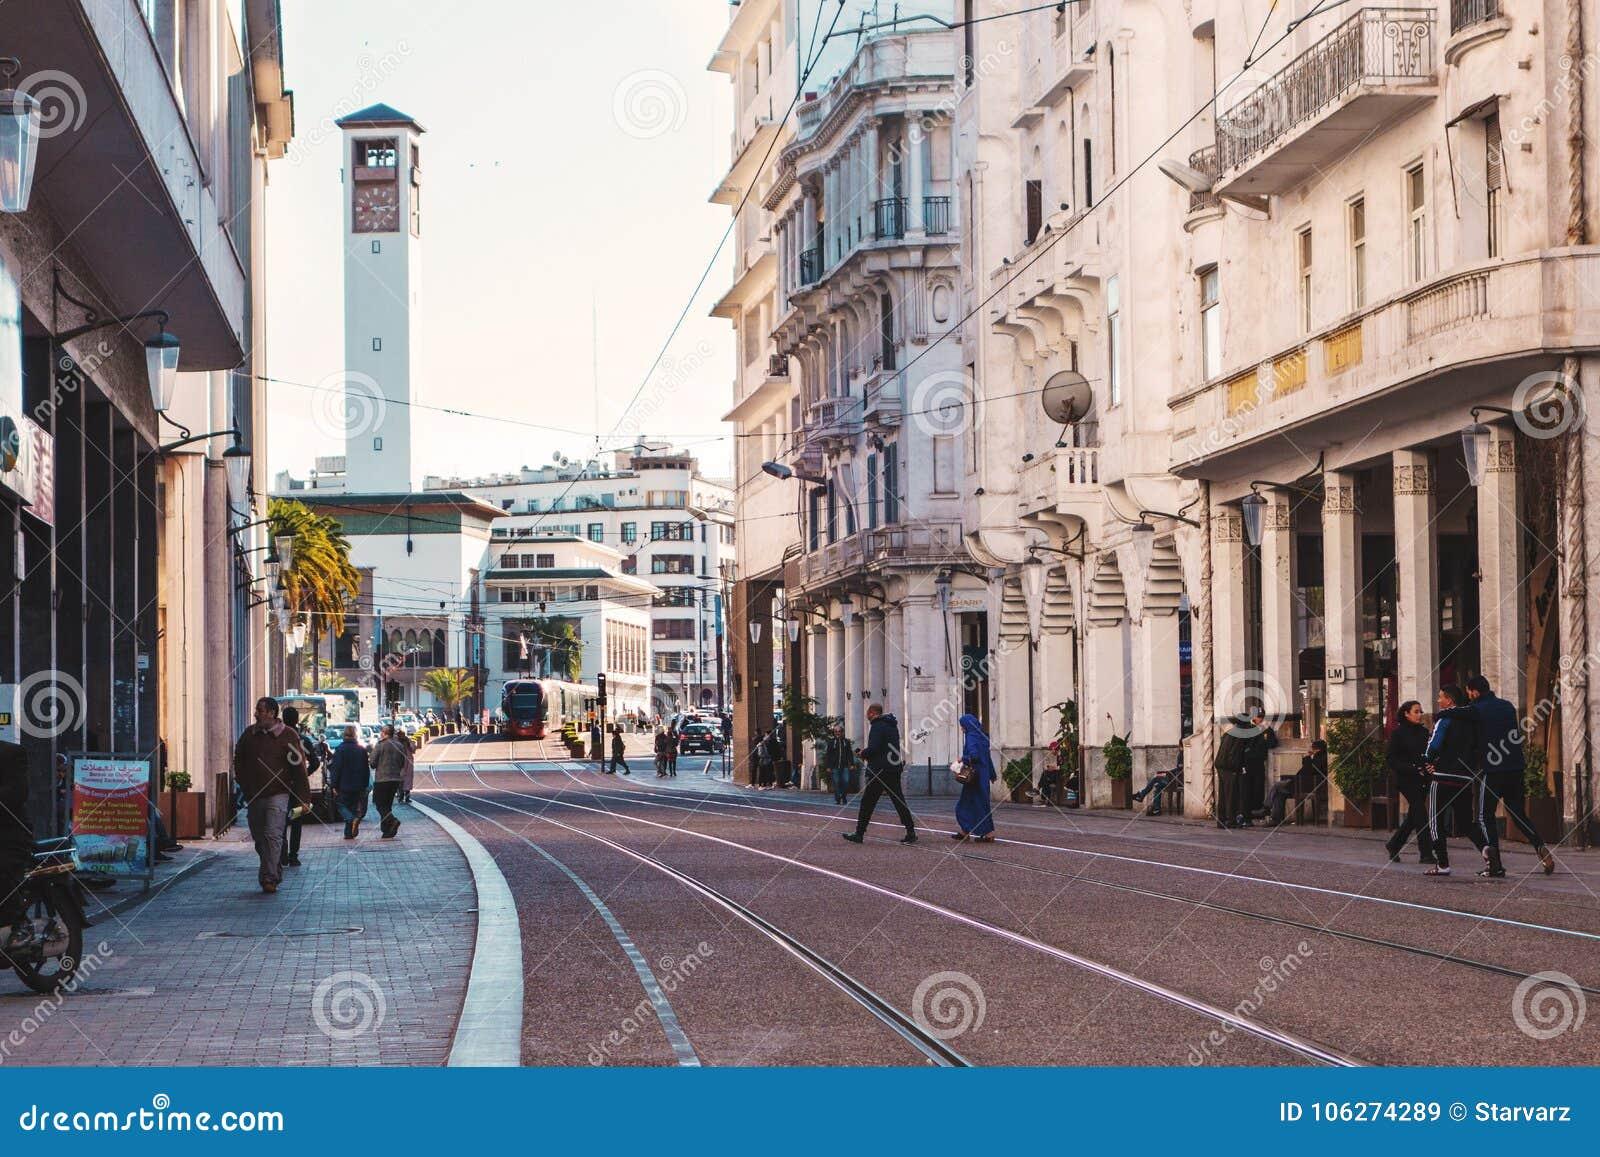 卡萨布兰卡-摩洛哥的都市风景